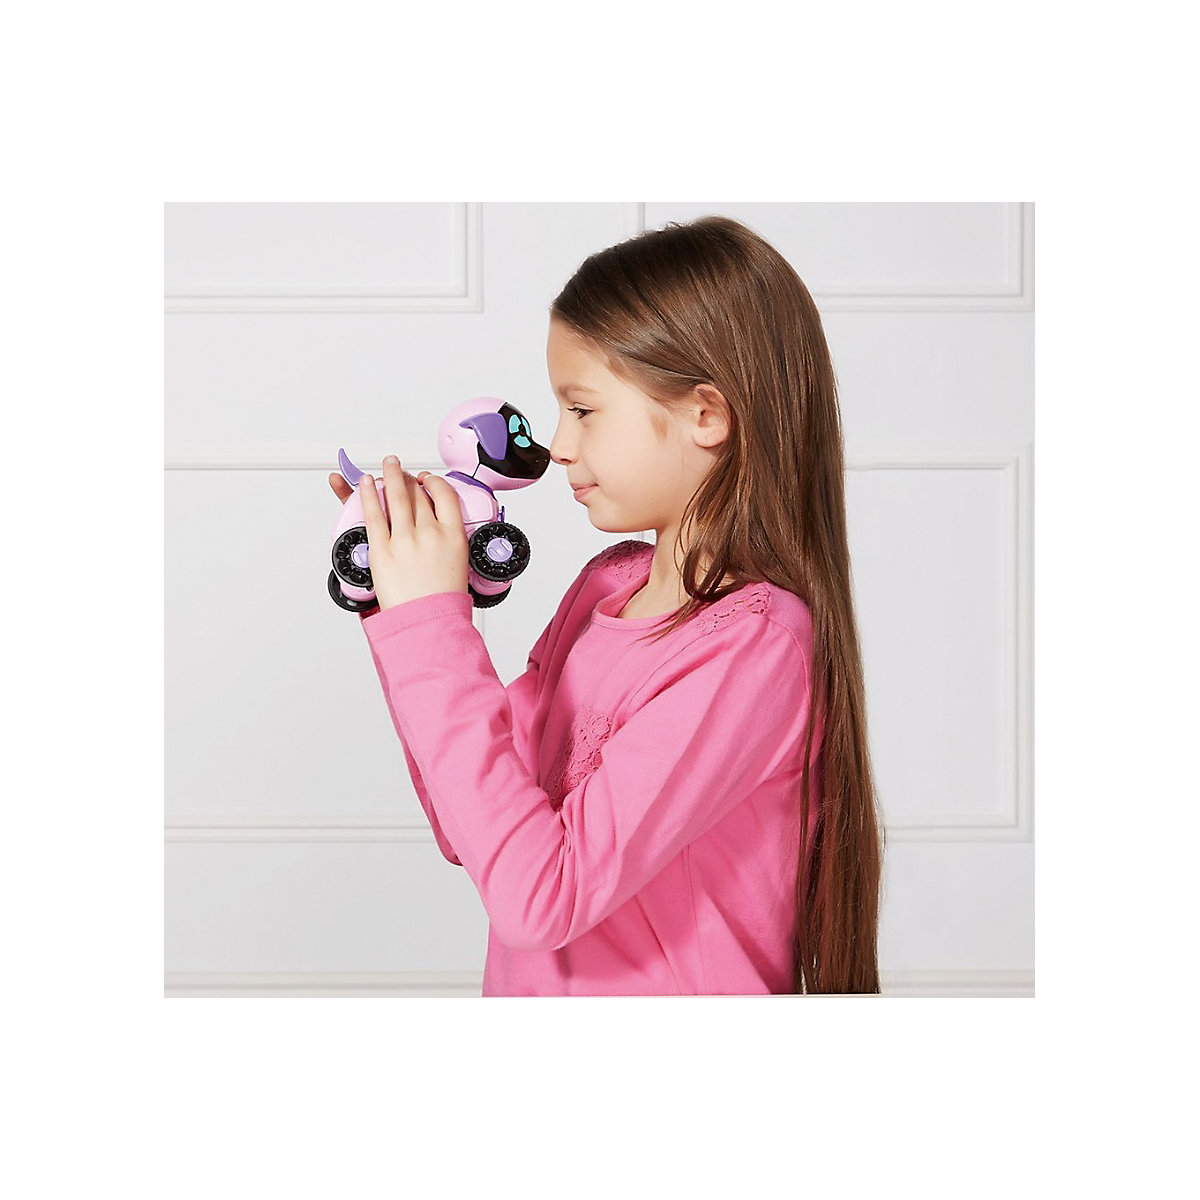 Animaux de compagnie électroniques WowWee 7314002 Tamagochi Robot jouets interactif chien animaux enfants MTpromo - 5